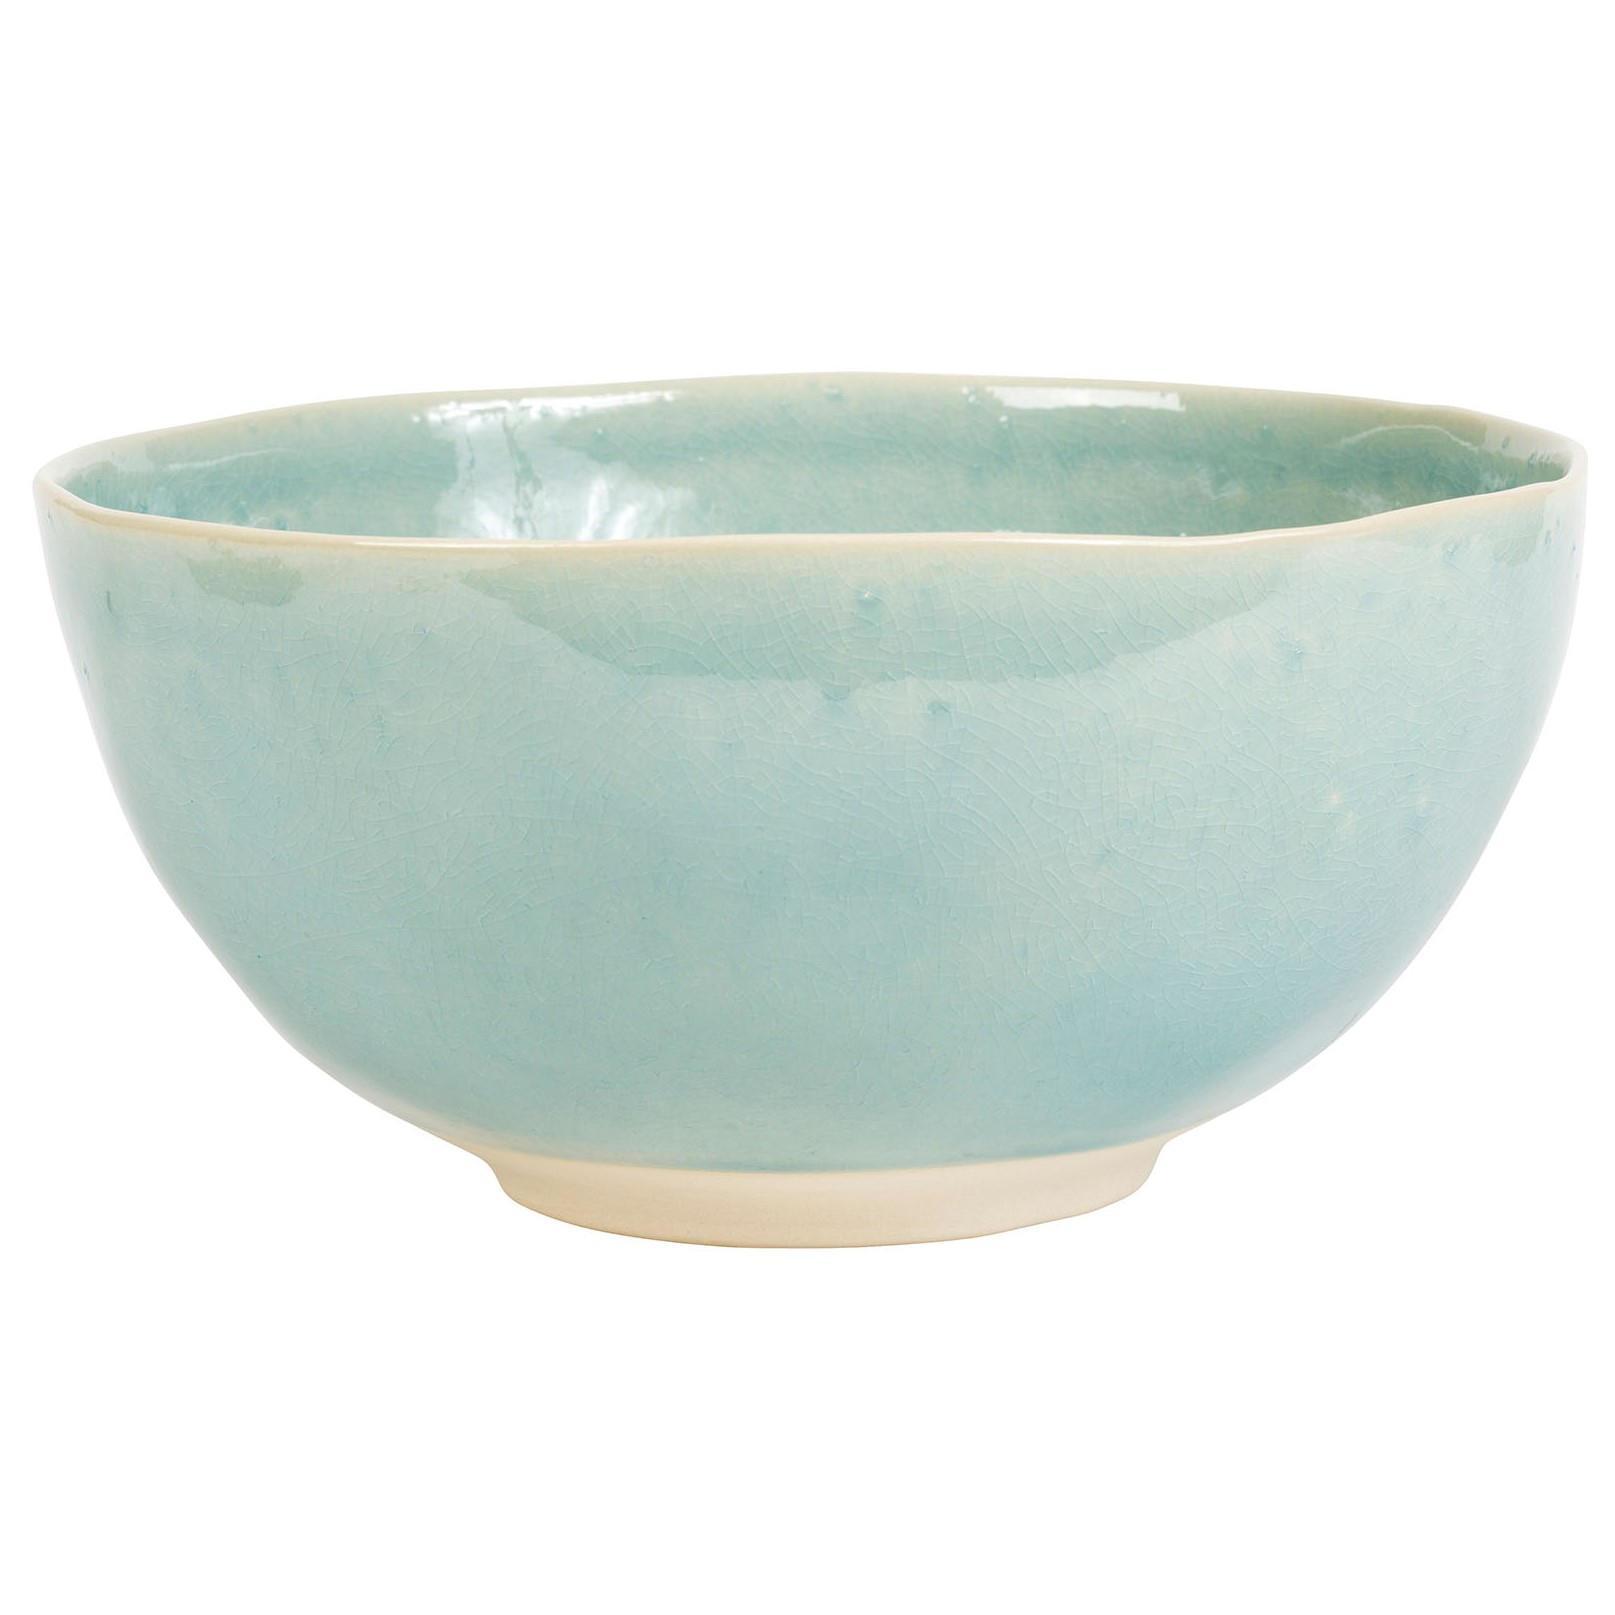 CÔTÉ TABLE Keramická mísa Ingrid Turquoise ⌀ 26 cm, zelená barva, keramika